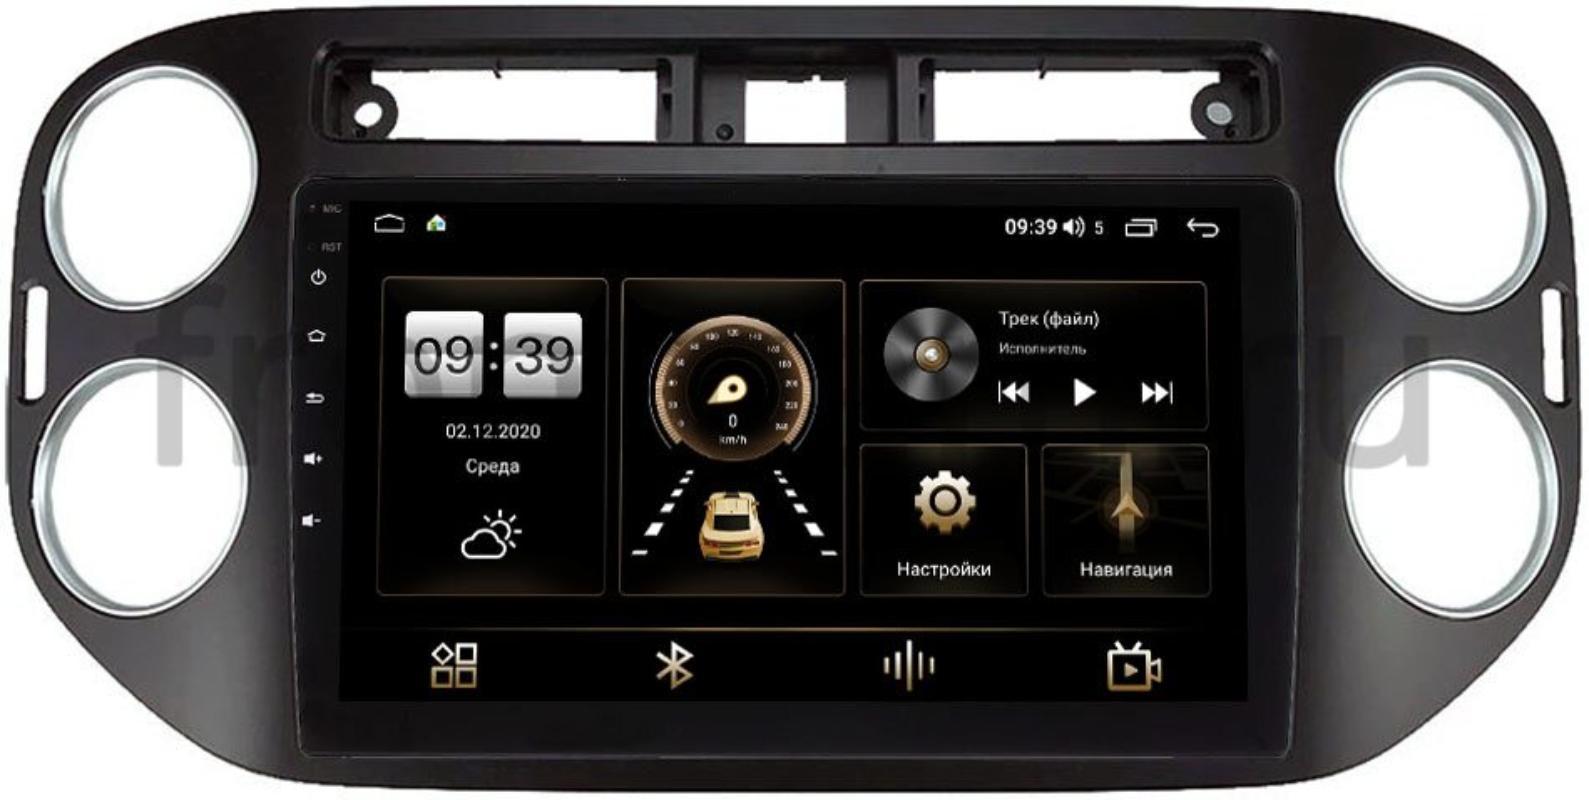 Штатная магнитола Volkswagen Tiguan 2011-2016 LeTrun 4166-9-1042 на Android 10 (4G-SIM, 3/32, DSP, QLed) (+ Камера заднего вида в подарок!)